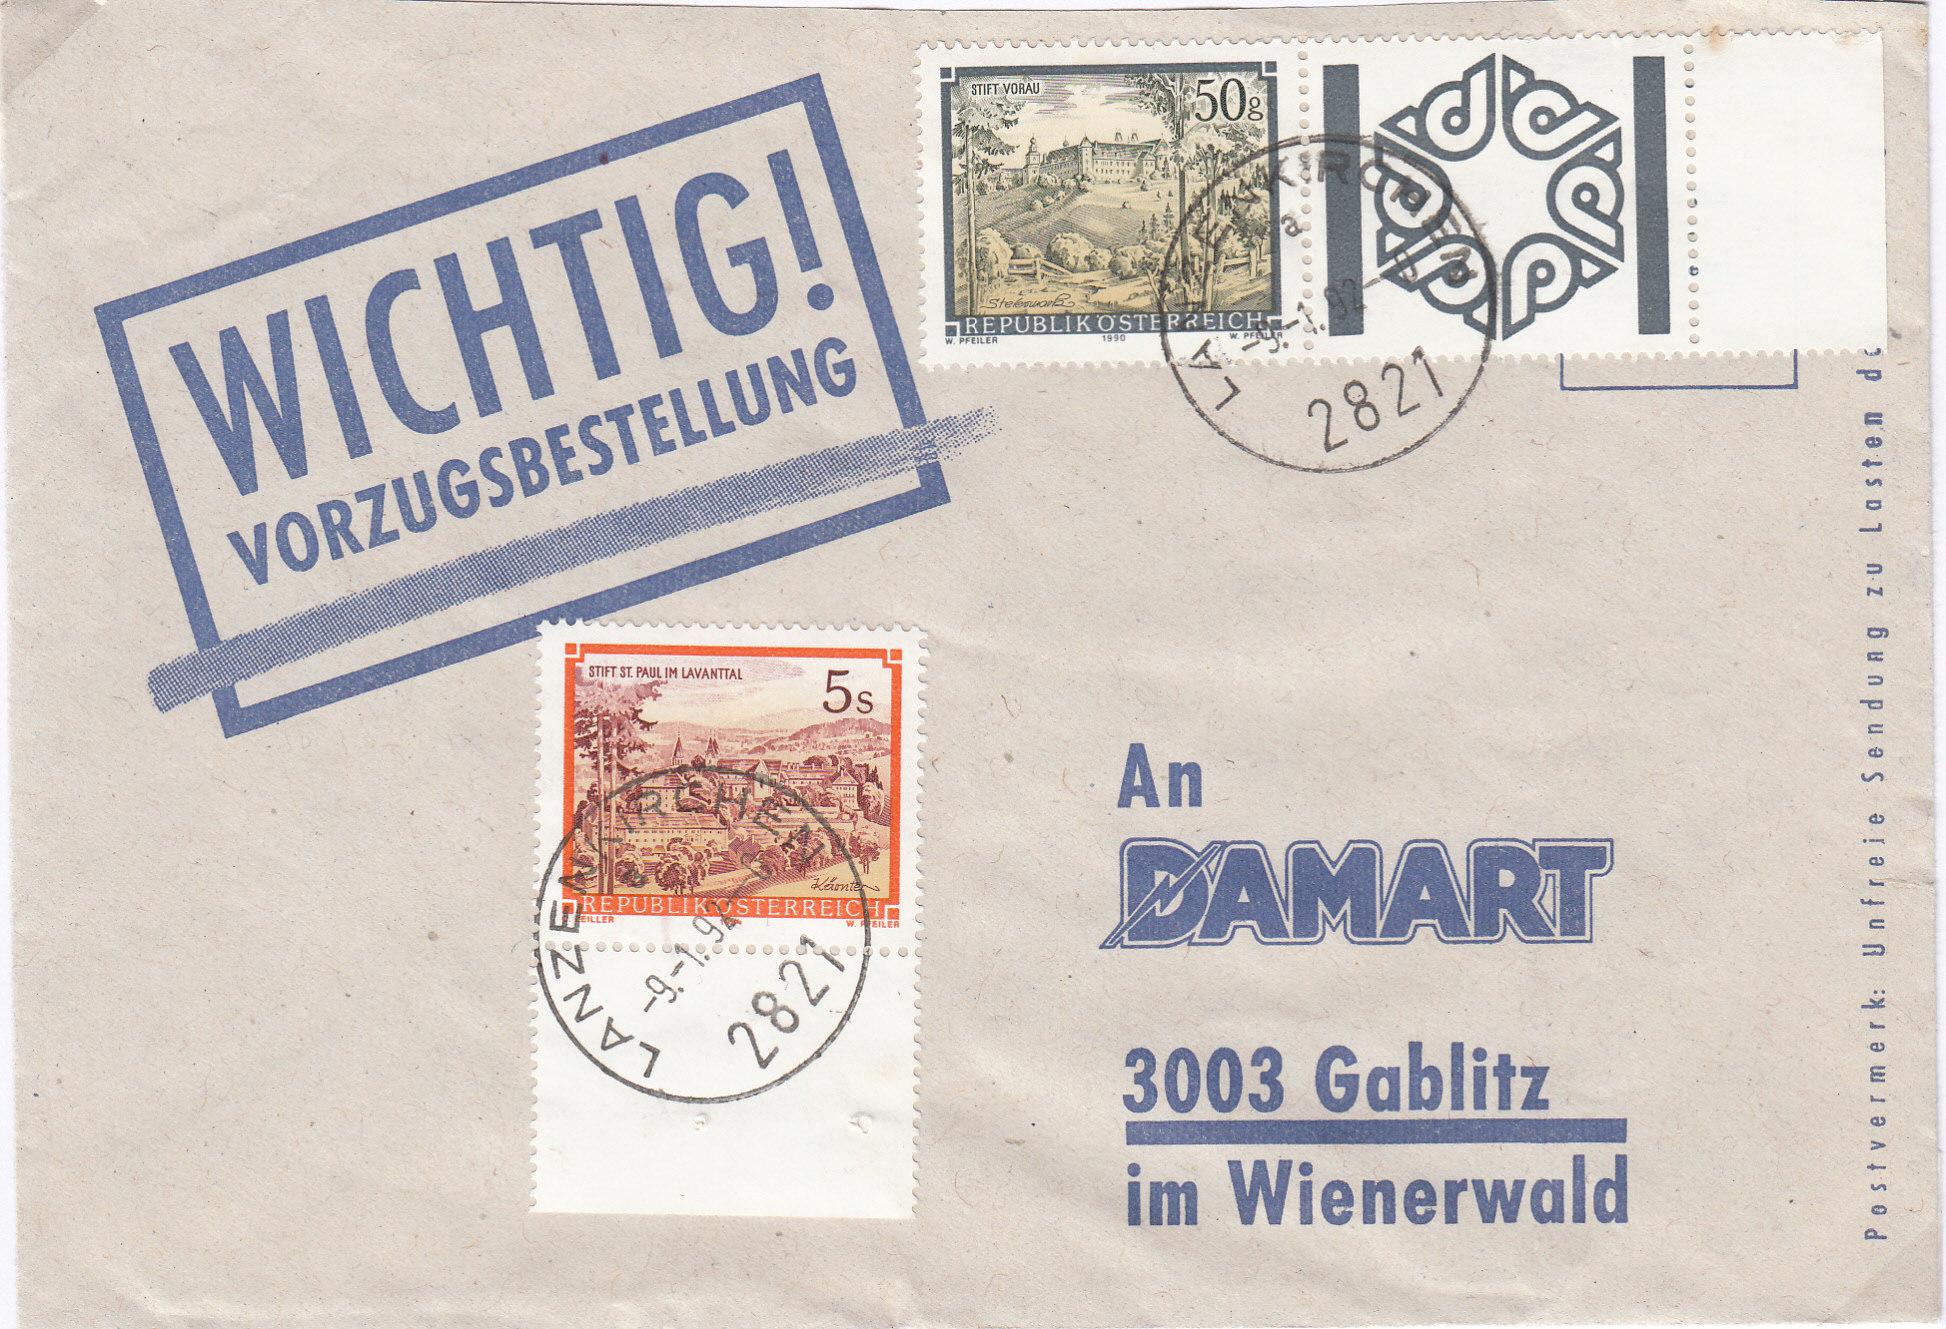 Stifte und Klöster - Belege Img_0275